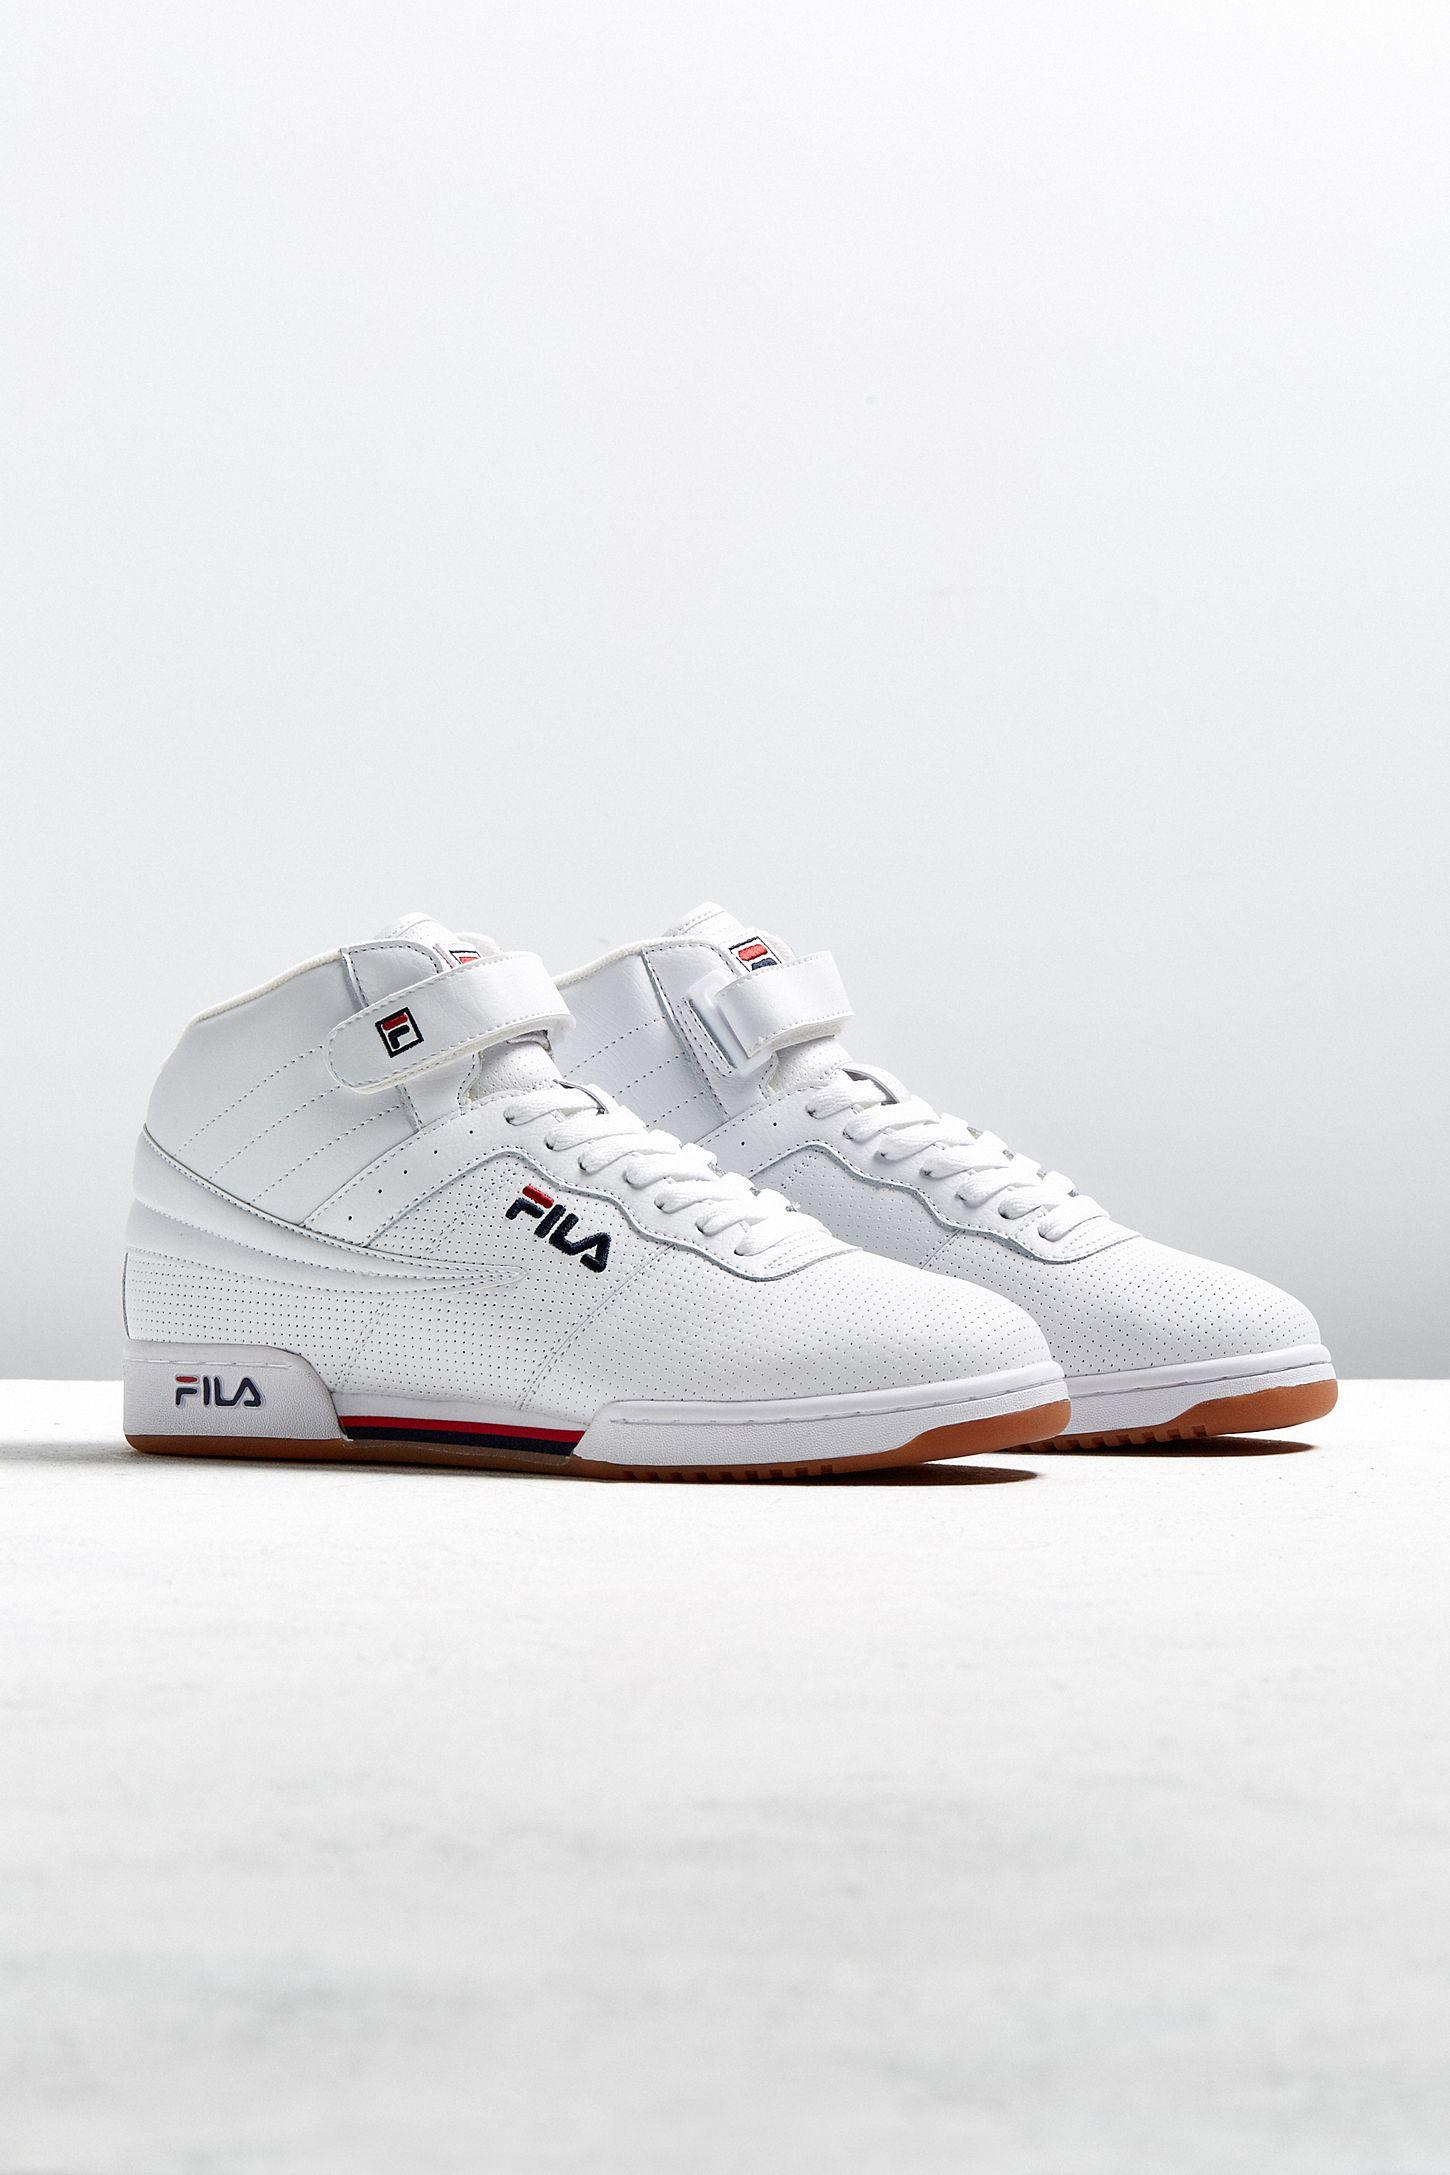 6dff9a77a3ec FILA F13 Perforated Sneaker